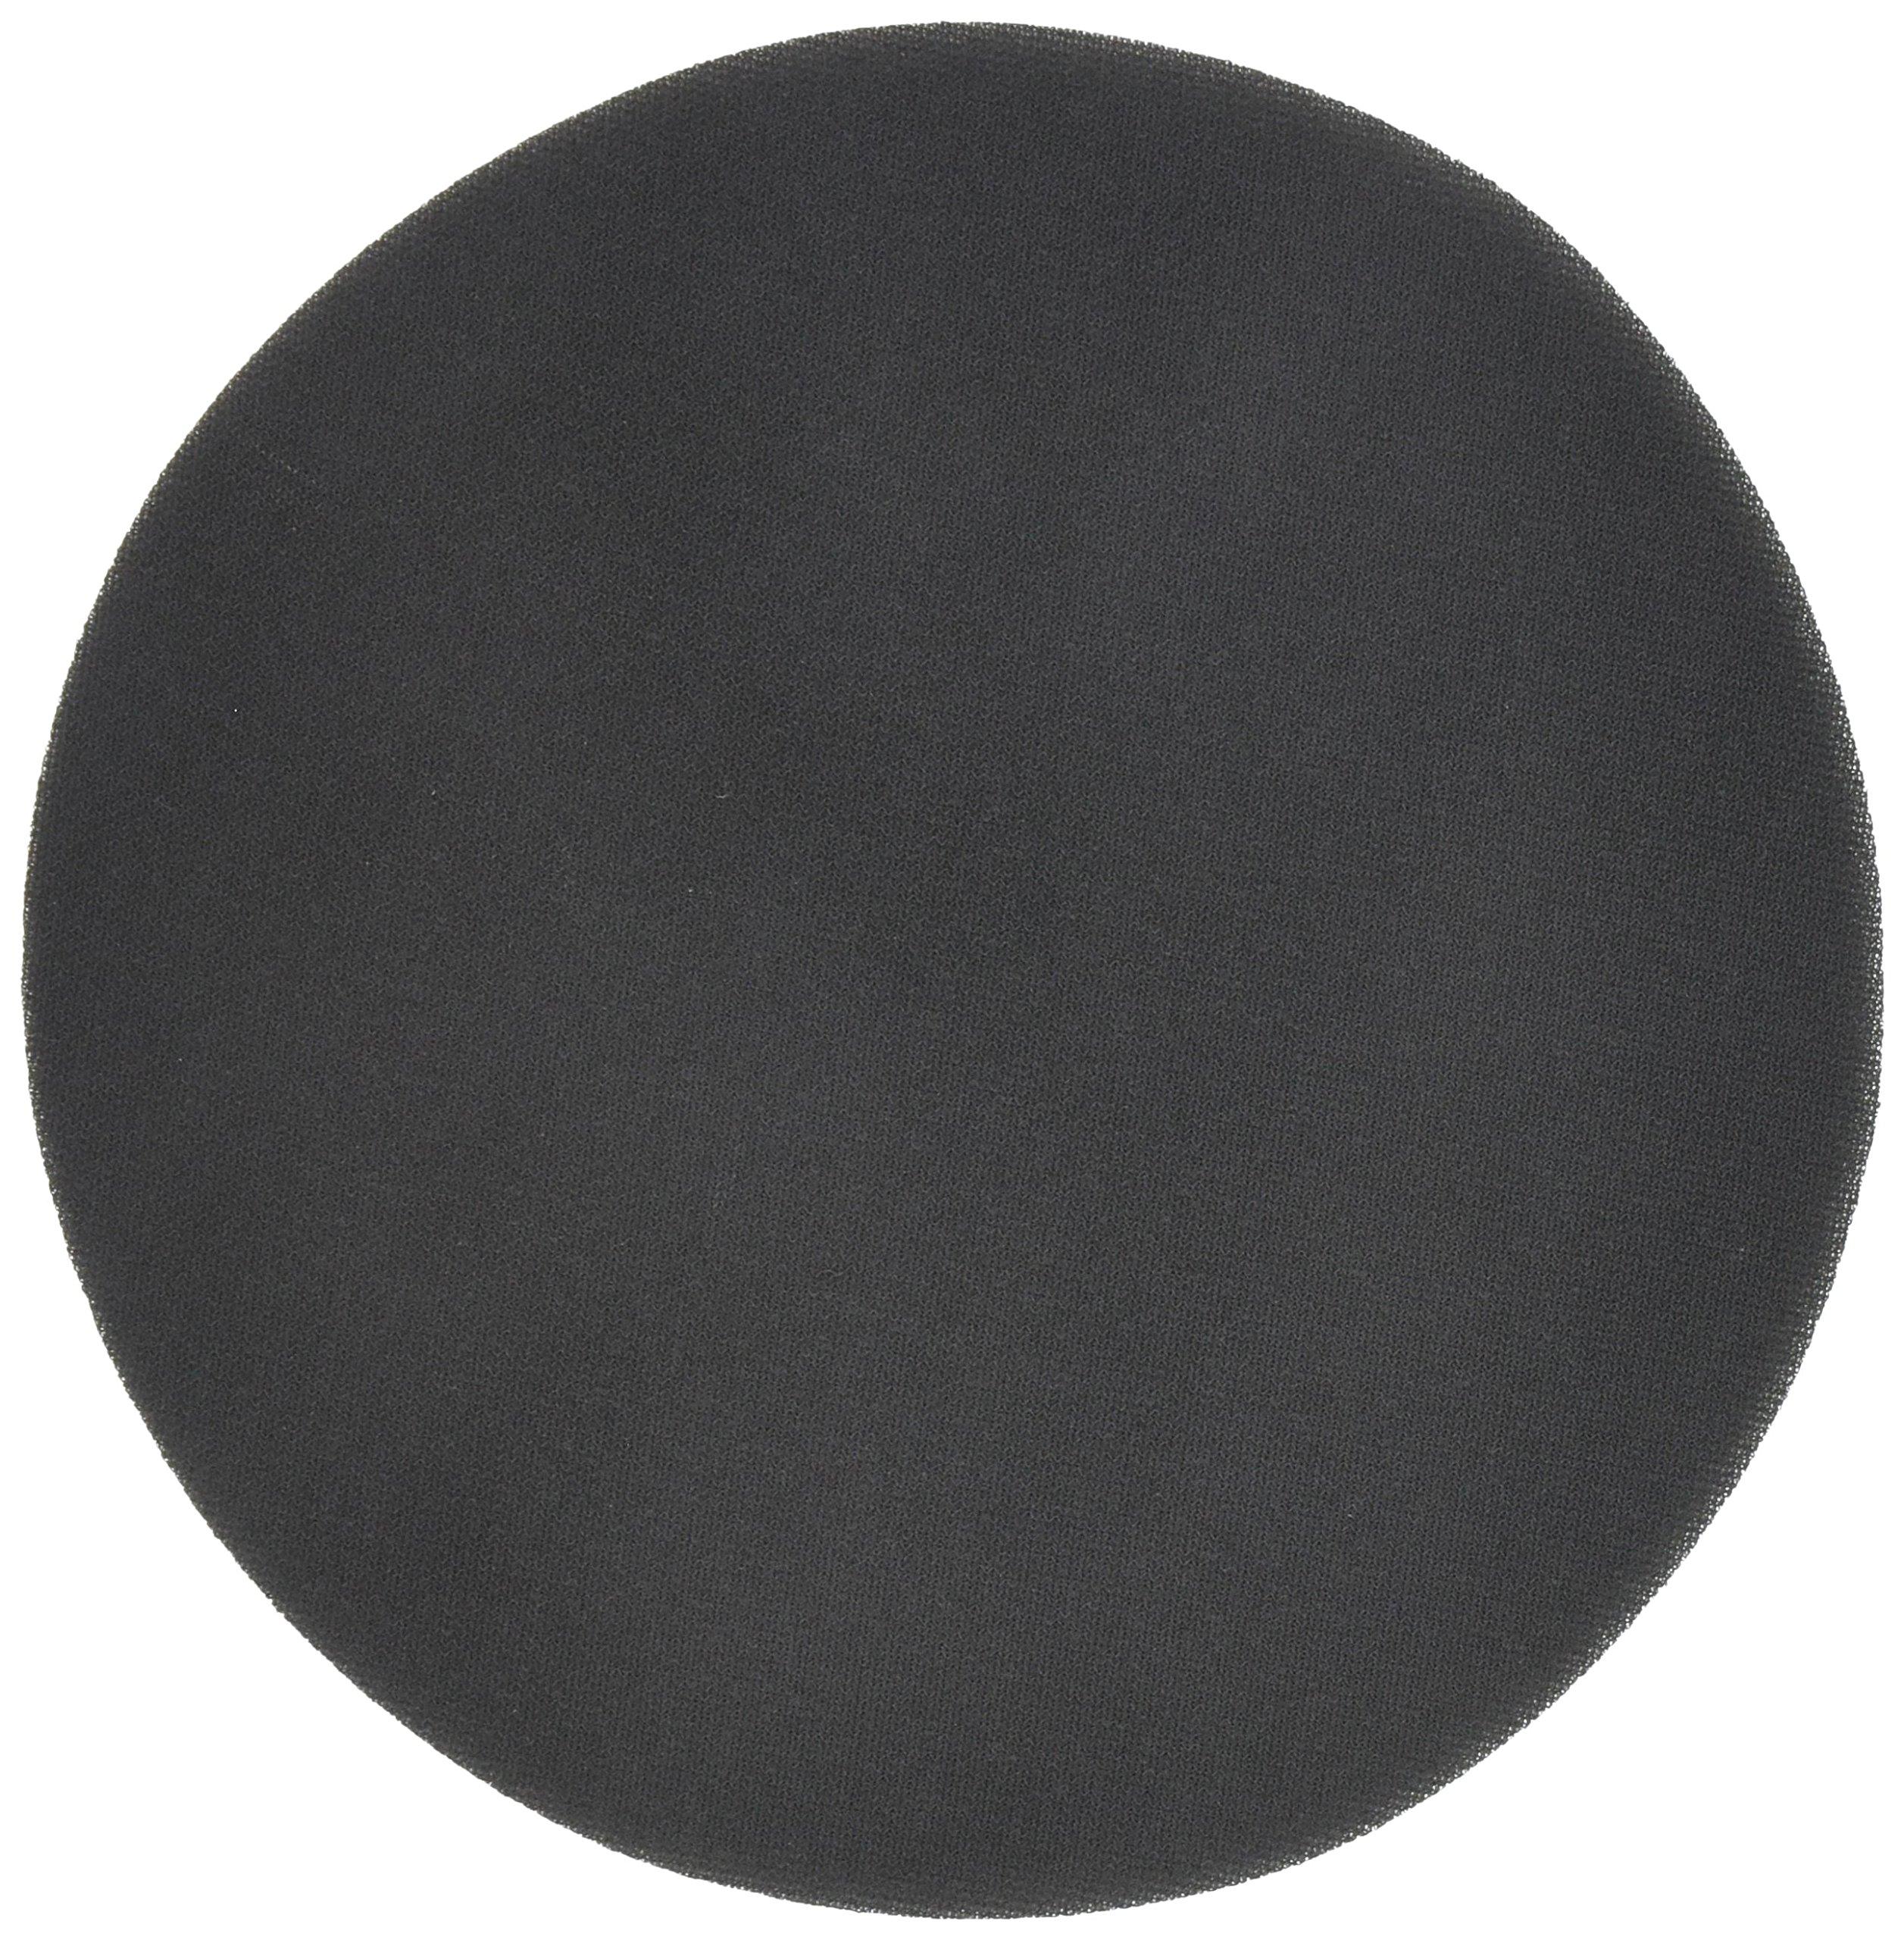 Festool 492370 S1000 Grit, Platin 2 Abrasives, Pack of 15